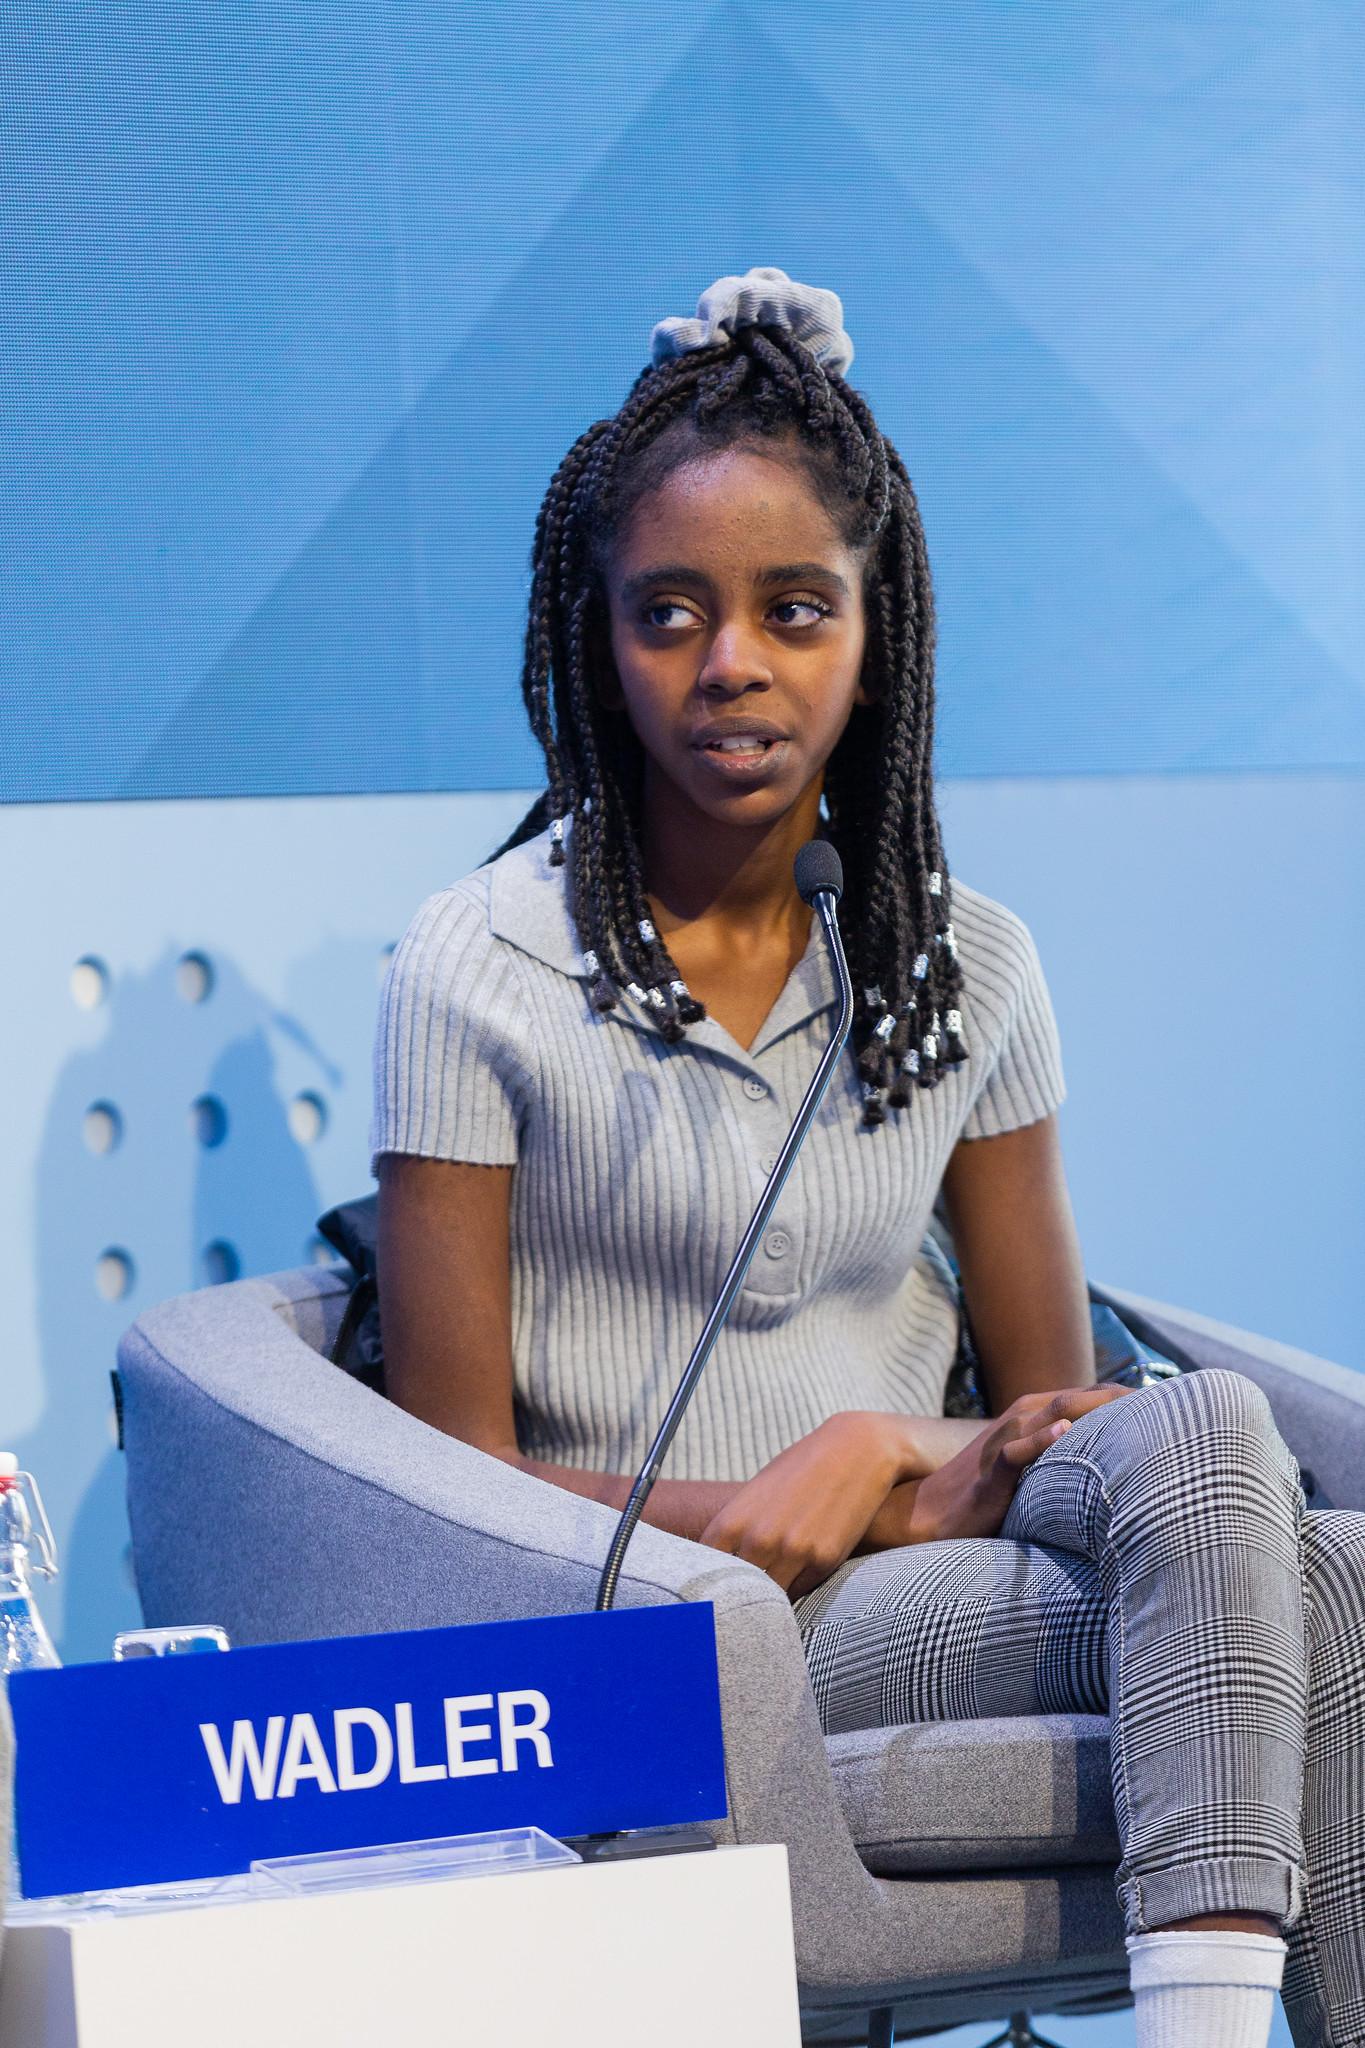 Naomi Wadler speaking at WEF Davos 2020